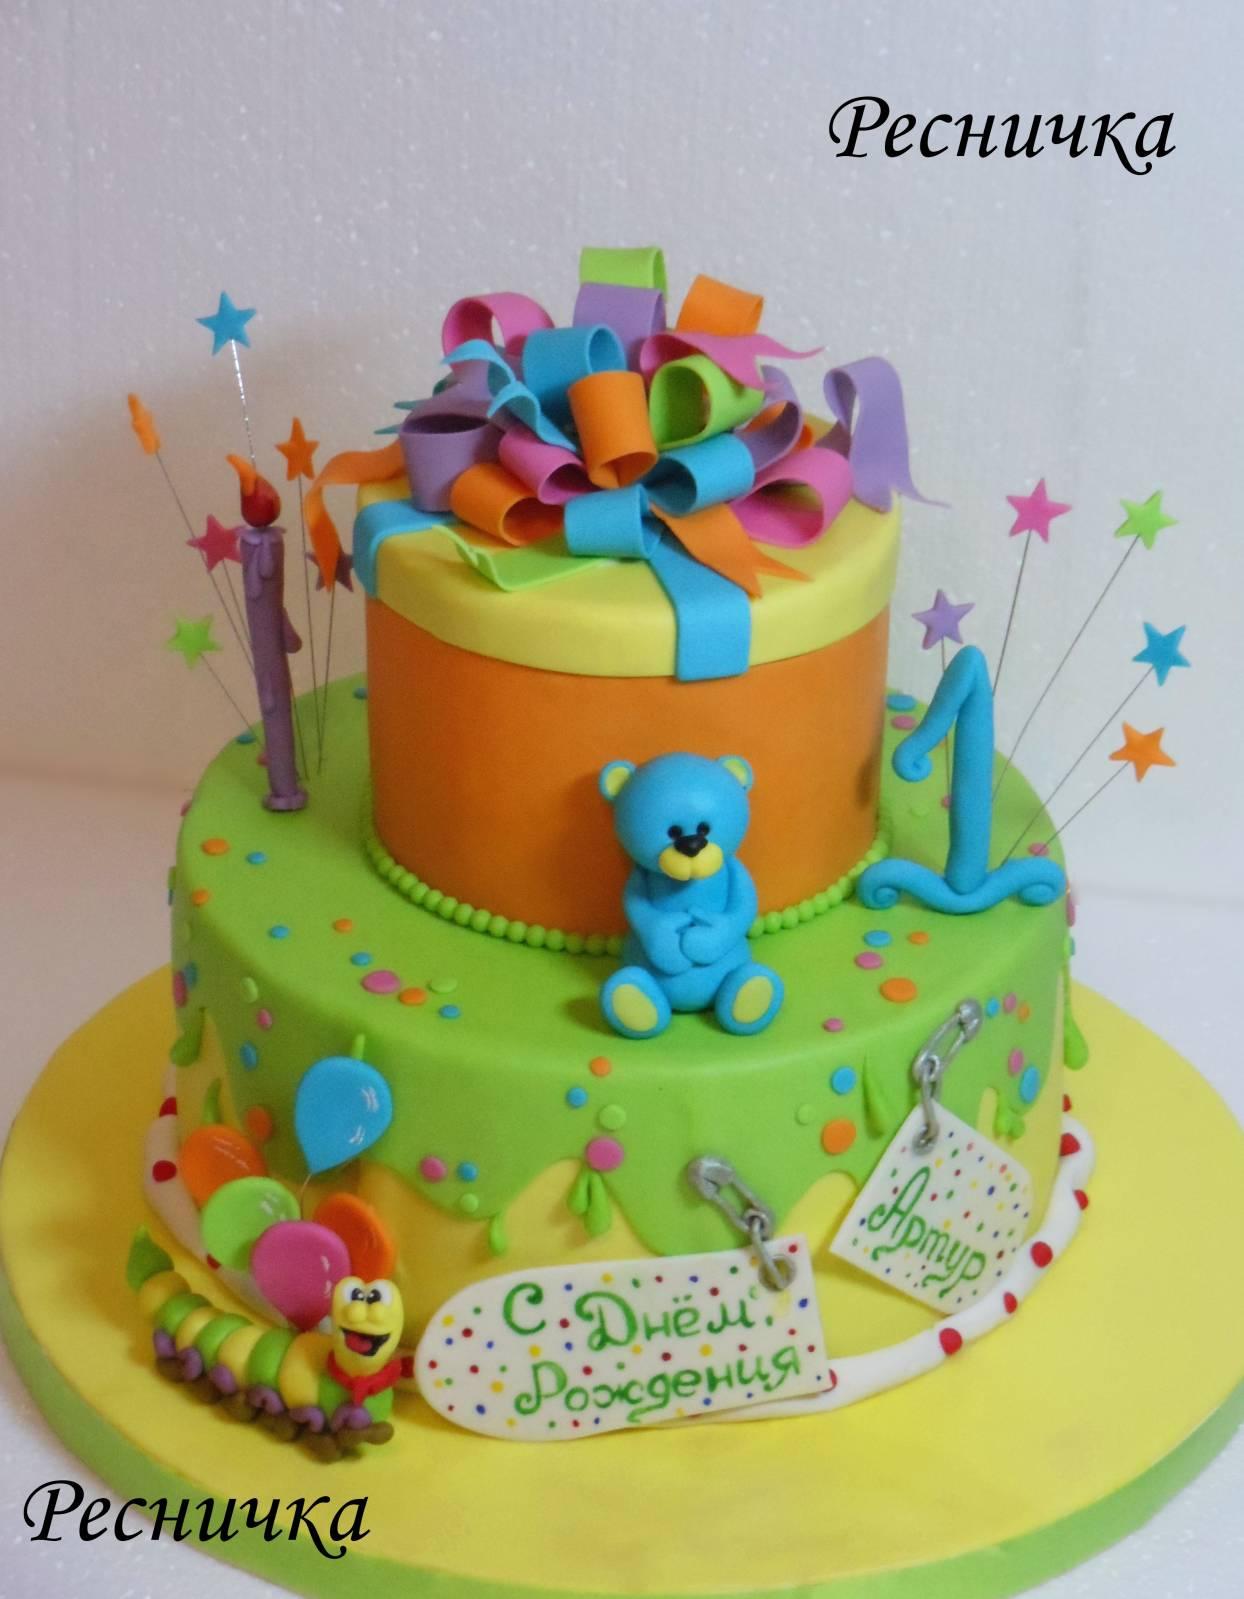 Торты для самых маленьких_5.  Изготовление тортов в Одессе - фото.  Тортики Одесса заказать.  Торт на заказ в Одессе.